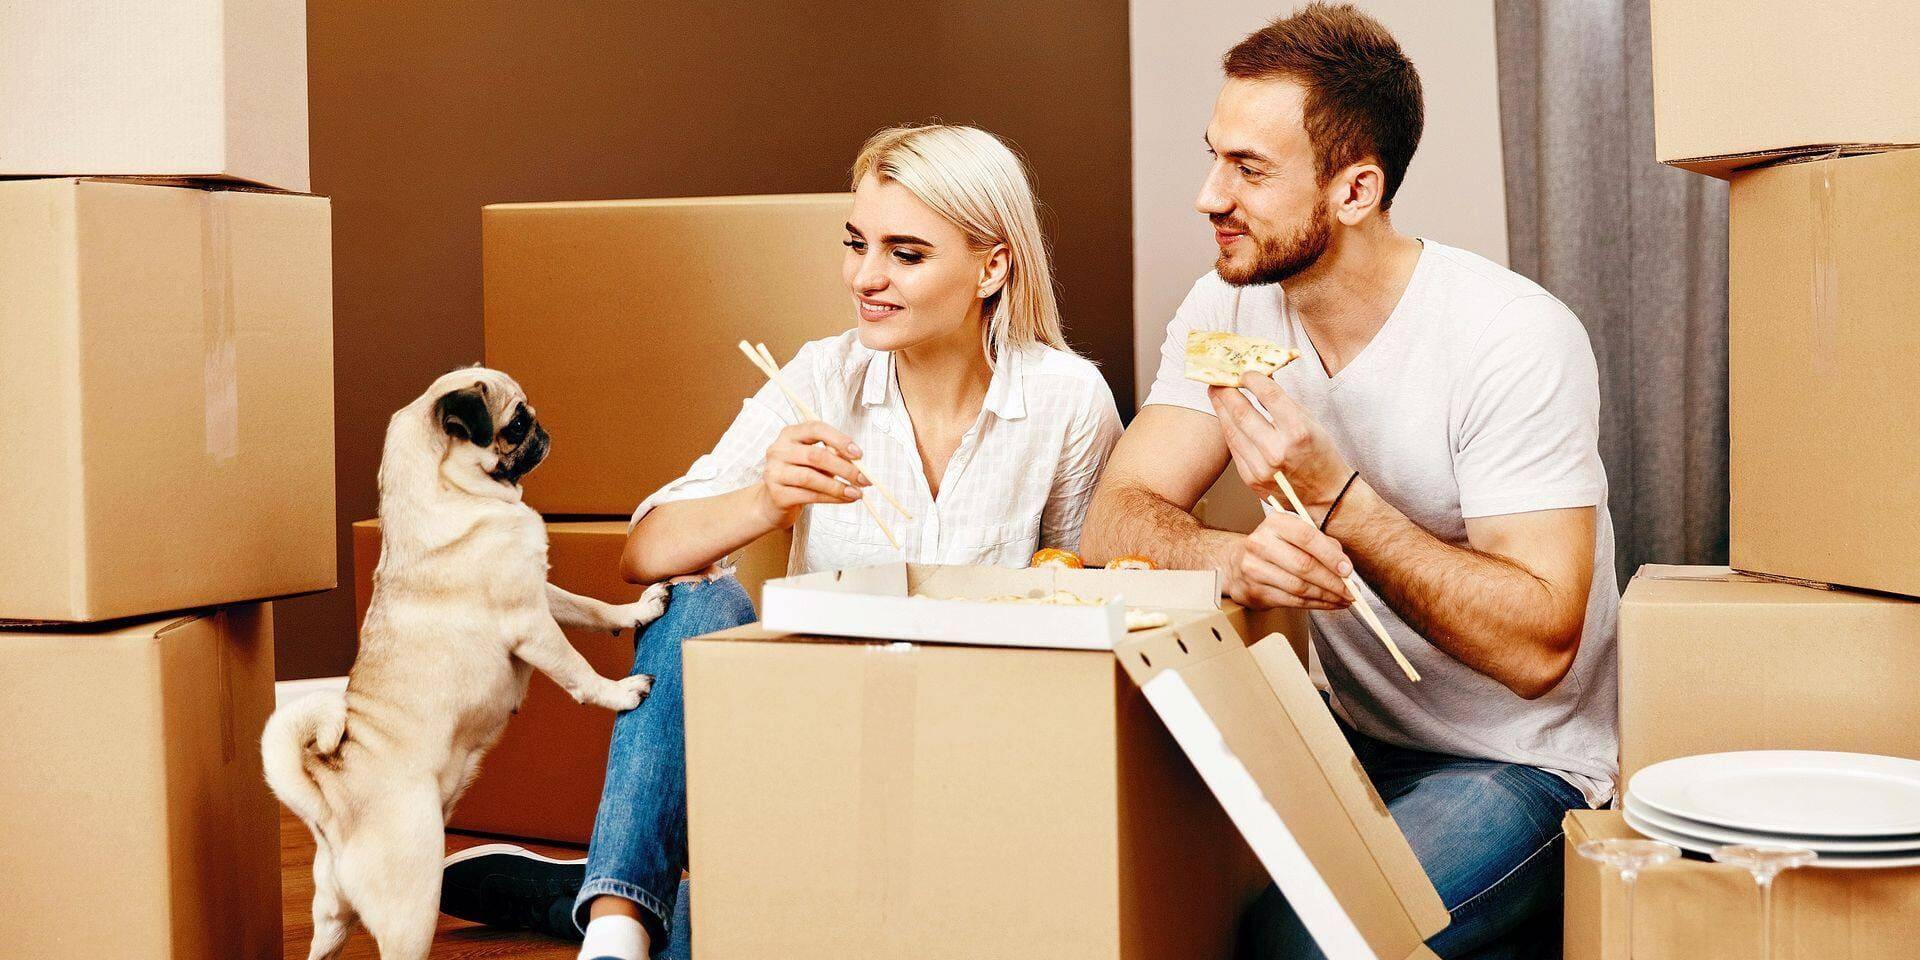 Comment déménager avec des animaux de compagnie?